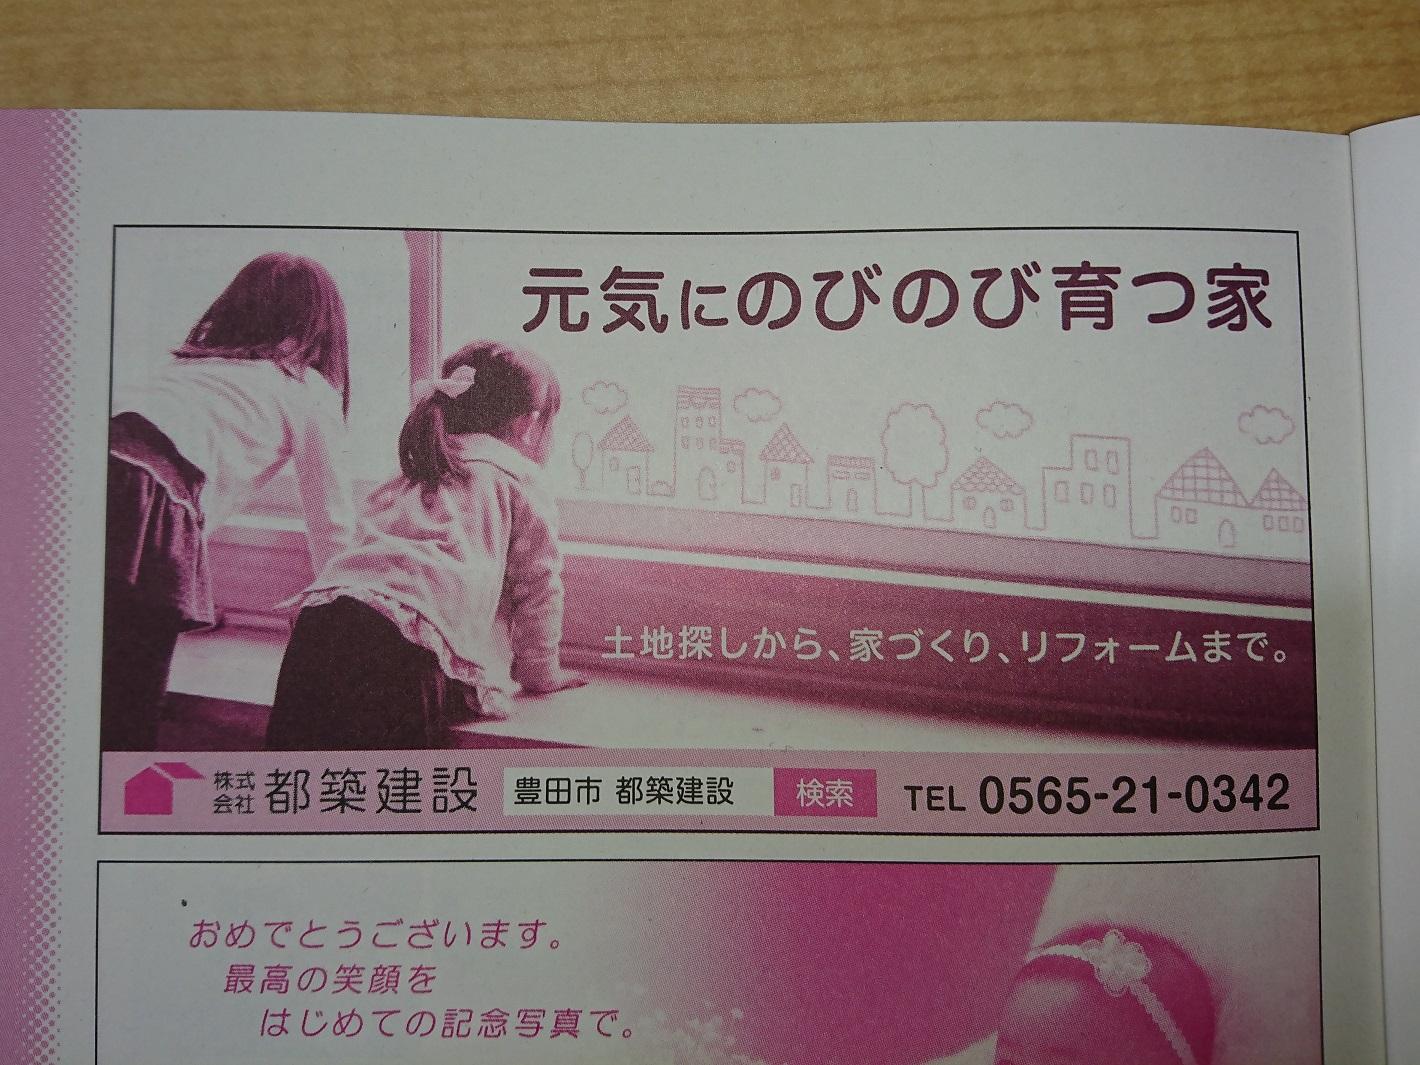 豊田市公共サイトへの広告